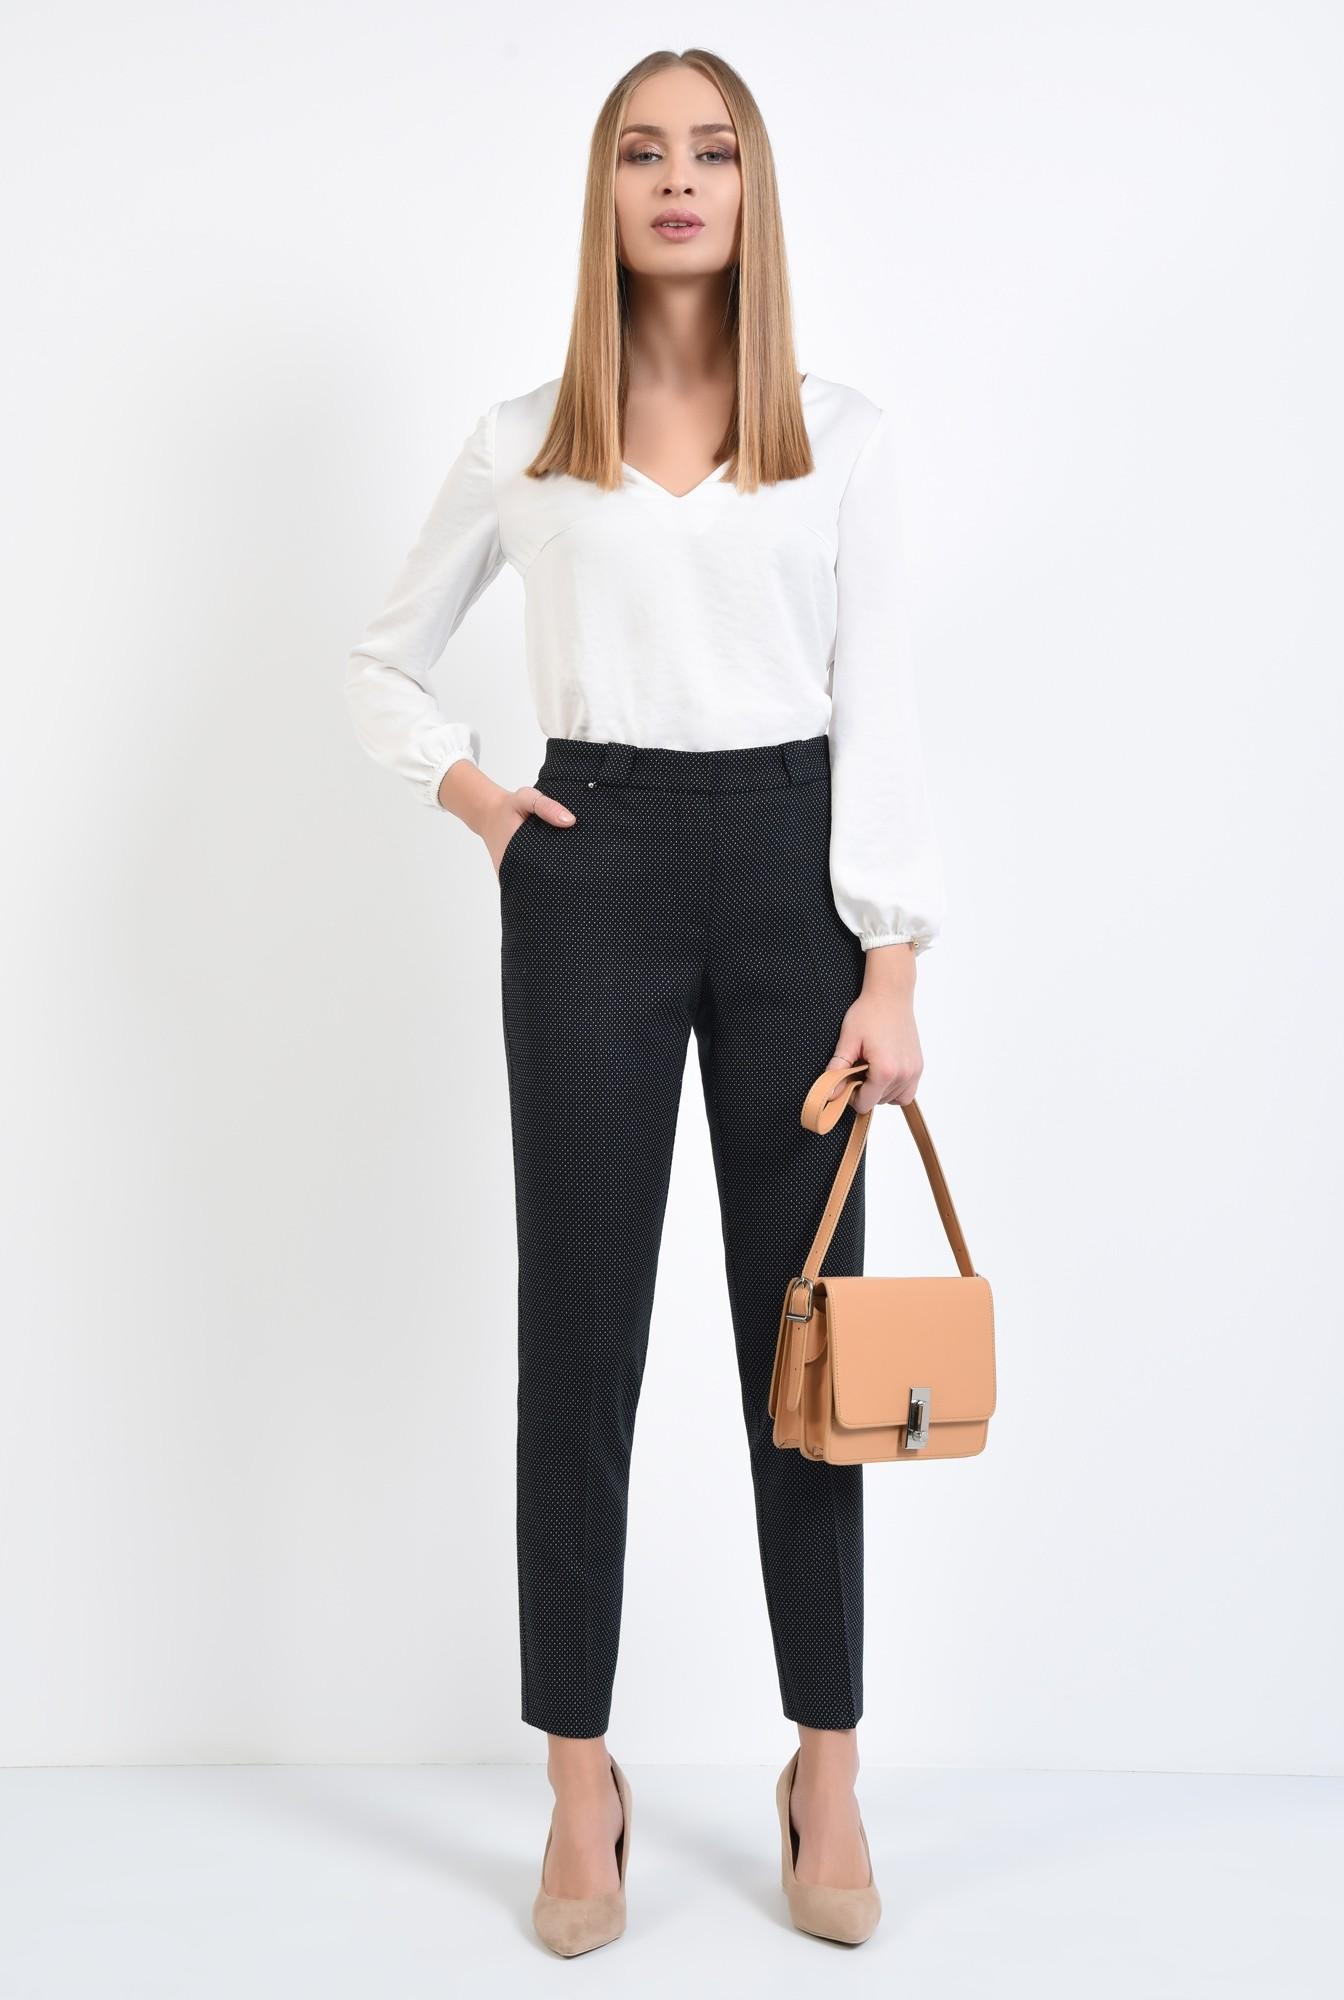 3 - pantaloni de zi, cu buline mici, picouri albe, pantaloni negri